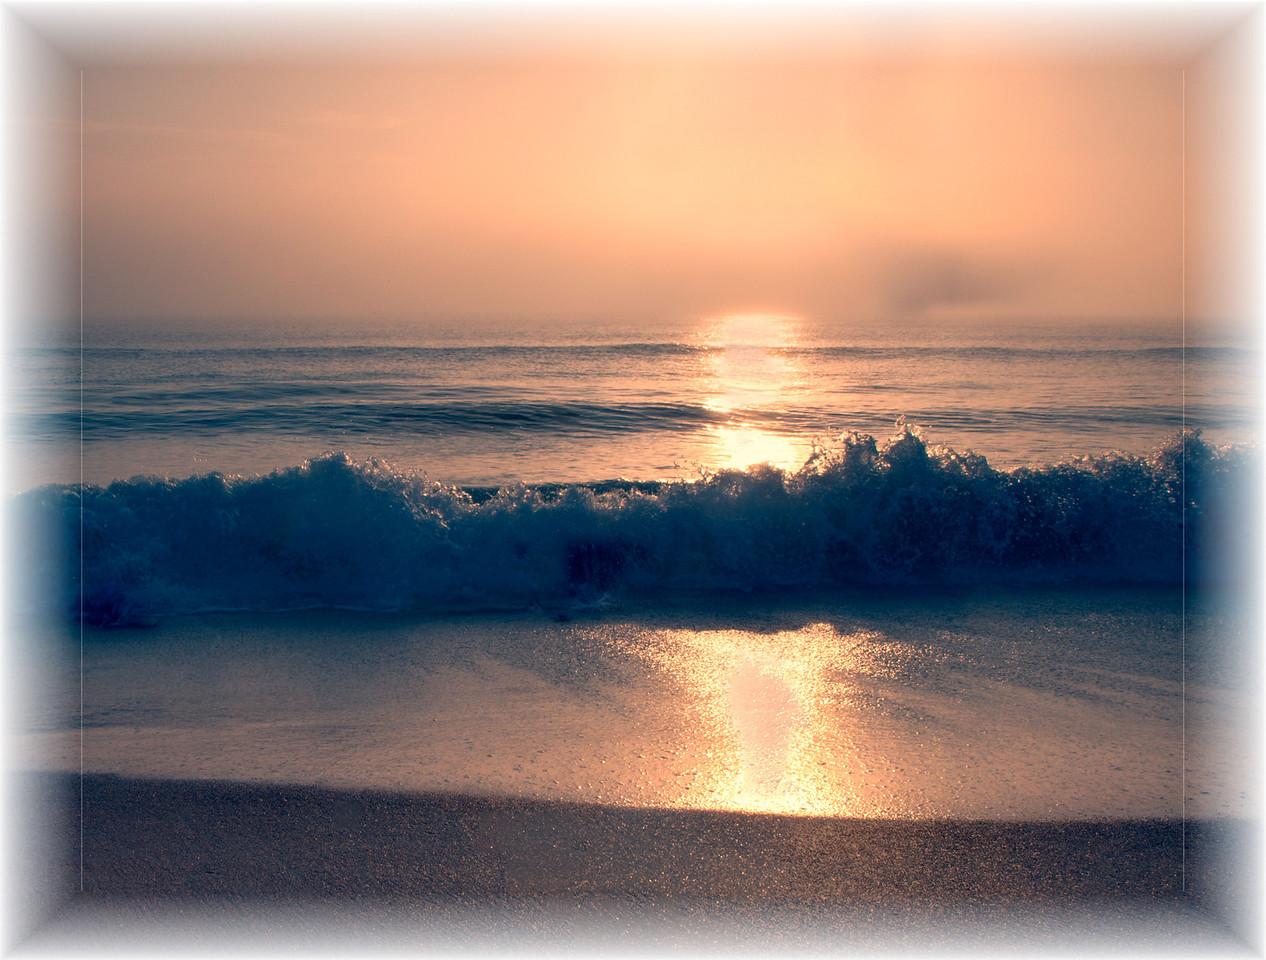 Foggy surf